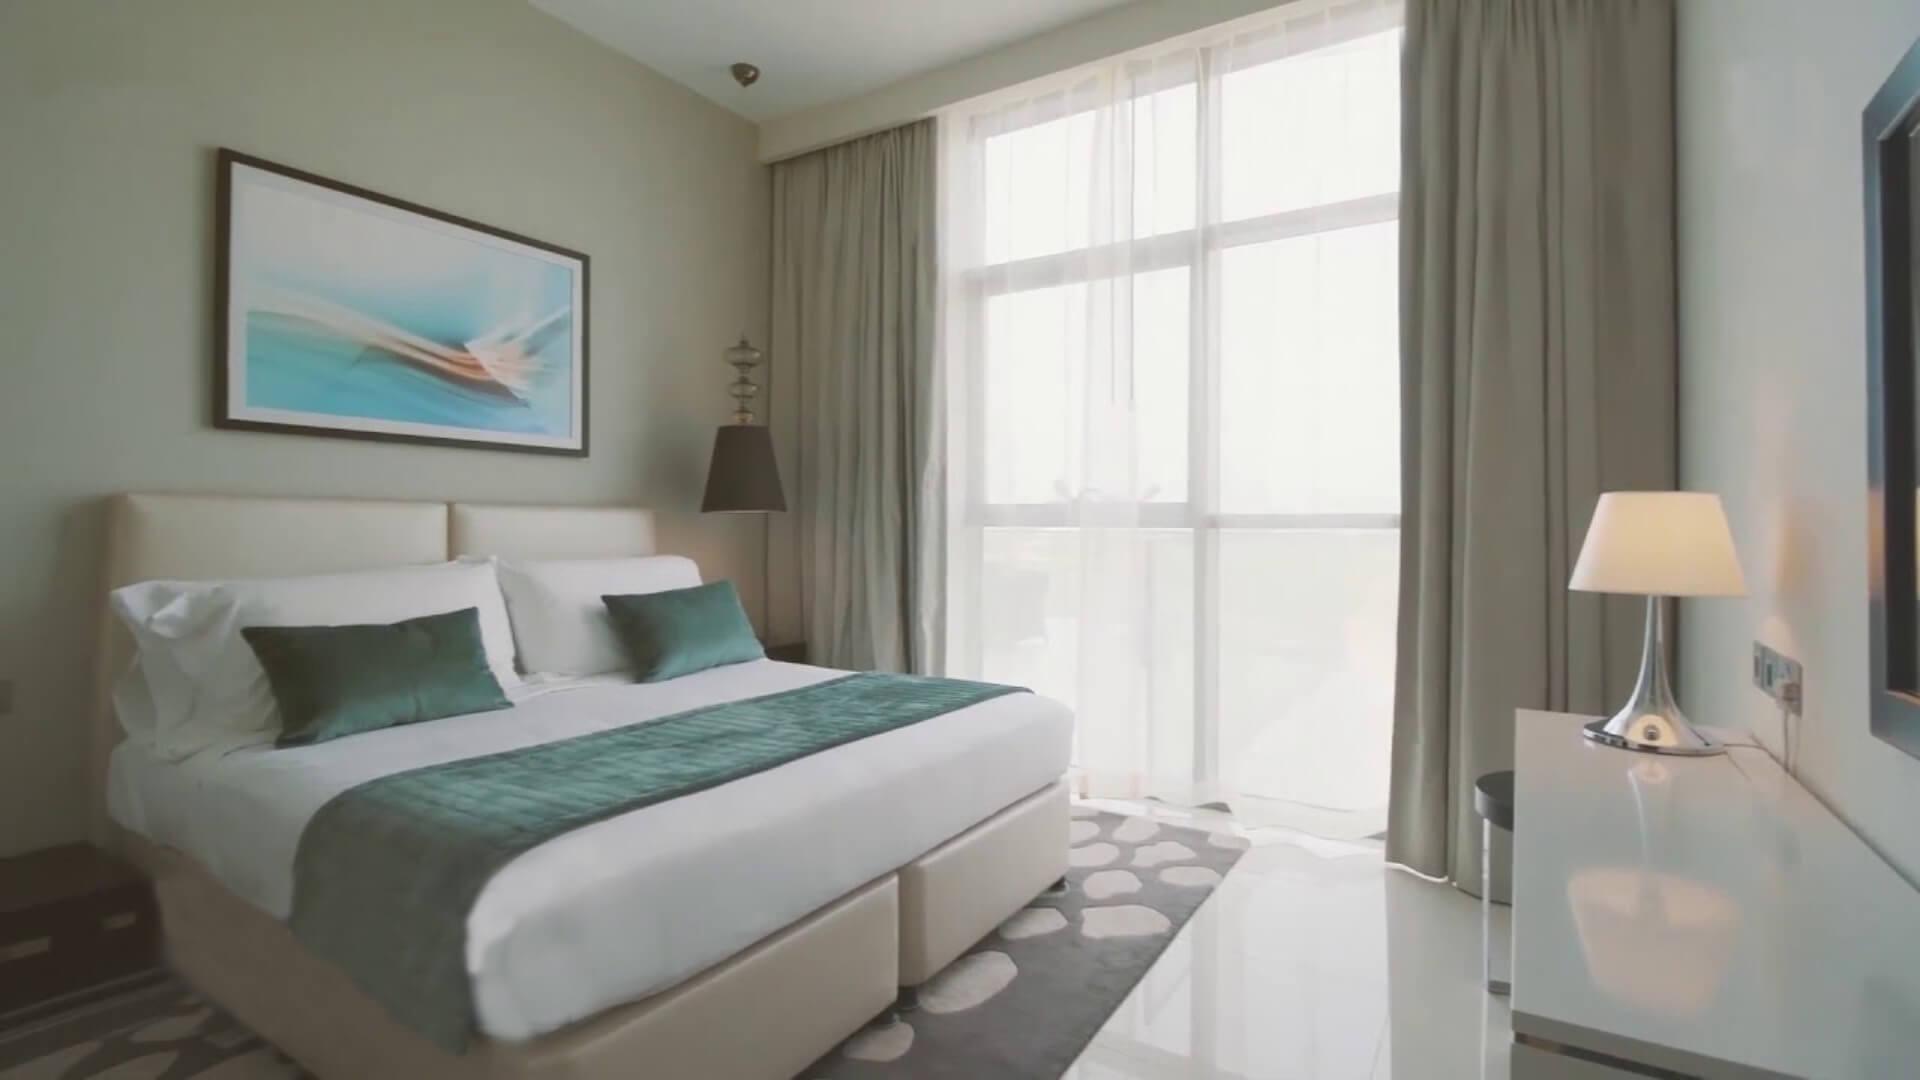 Apartamento en venta en Dubai, EAU, 1 dormitorio, 82 m2, № 24521 – foto 3